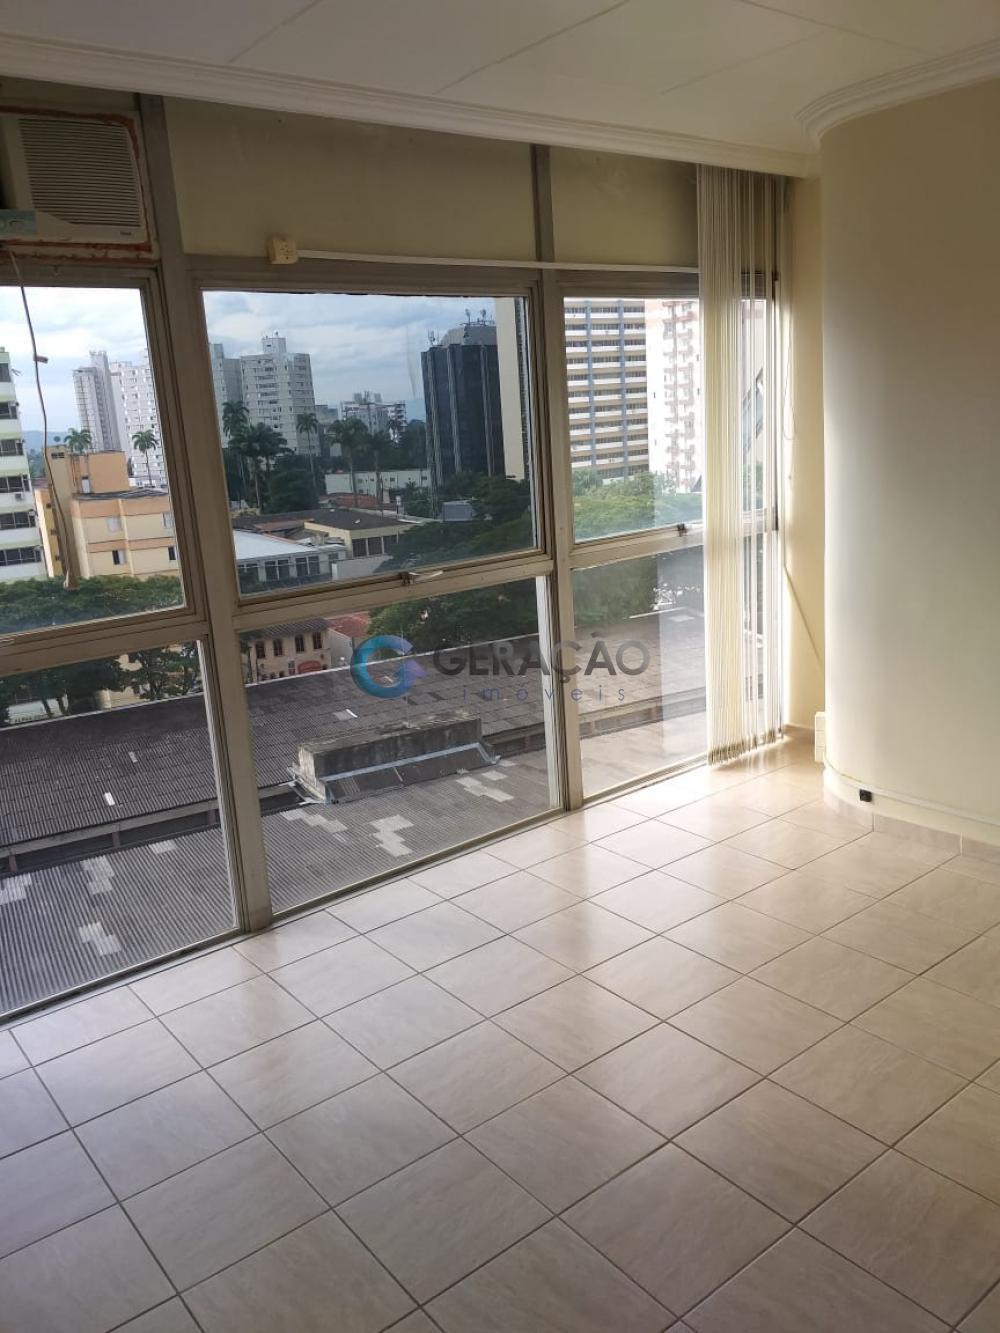 Comprar Comercial / Sala em Condomínio em São José dos Campos apenas R$ 140.000,00 - Foto 7